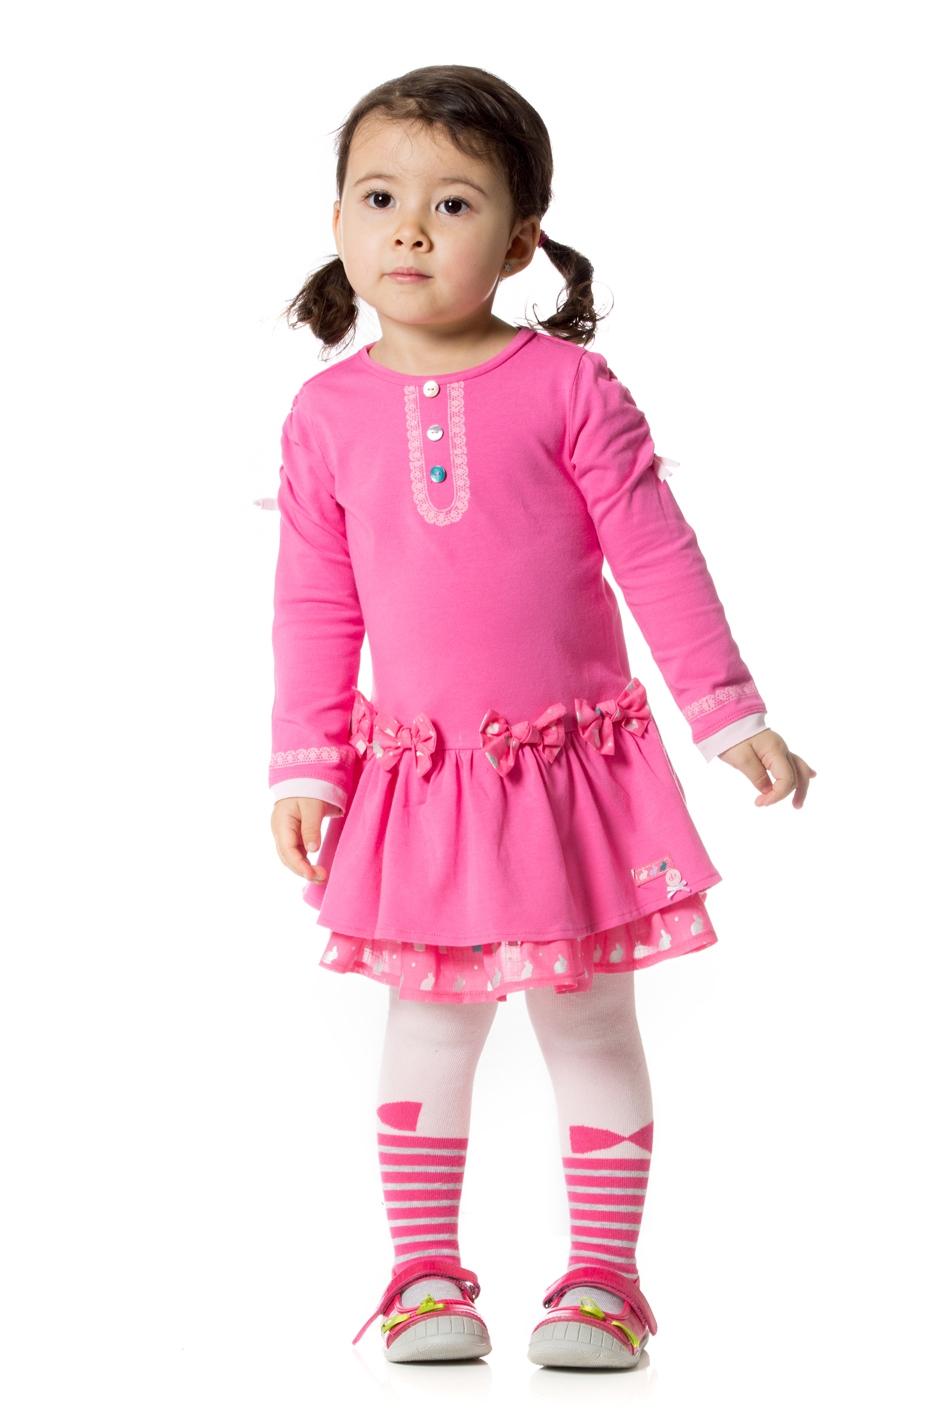 بالصور احلى ملابس الاطفال , اجمل واحلى ملابس الاطفال 11732 9